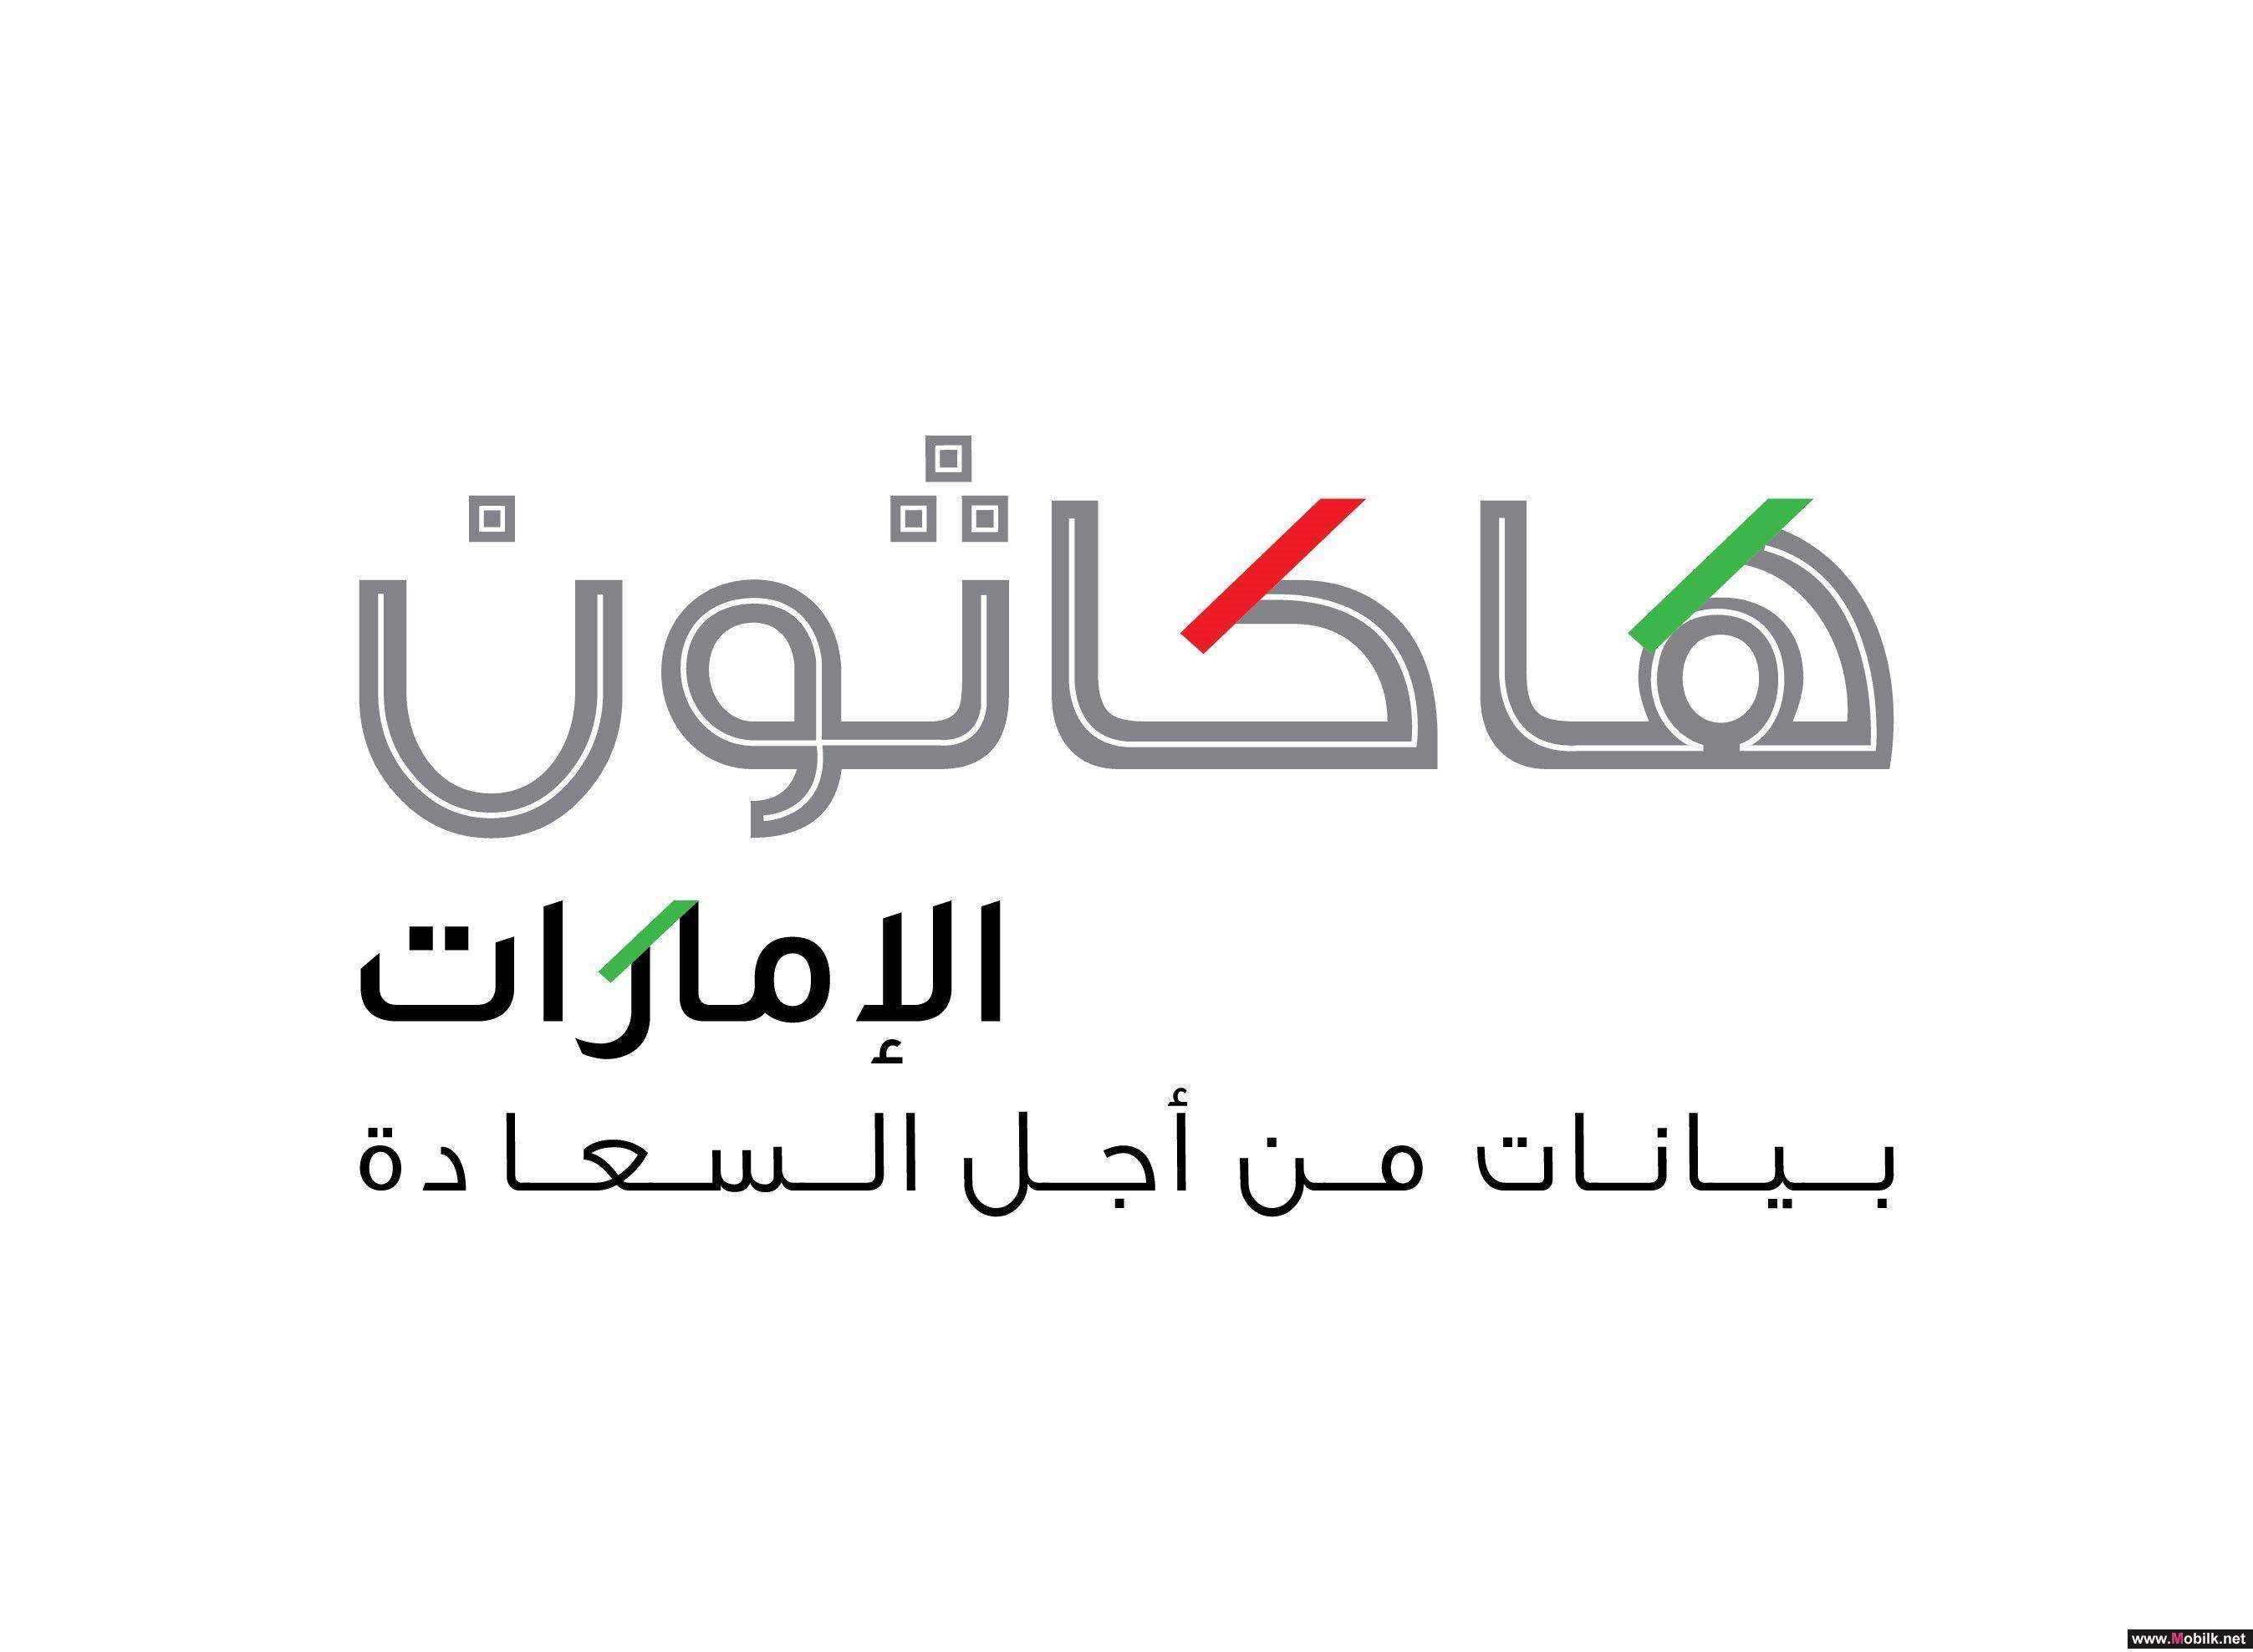 جامعة خليفة للعلوم والتكنولوجيا المحطة الأولى لهاكاثون الإمارات في أبوظبي